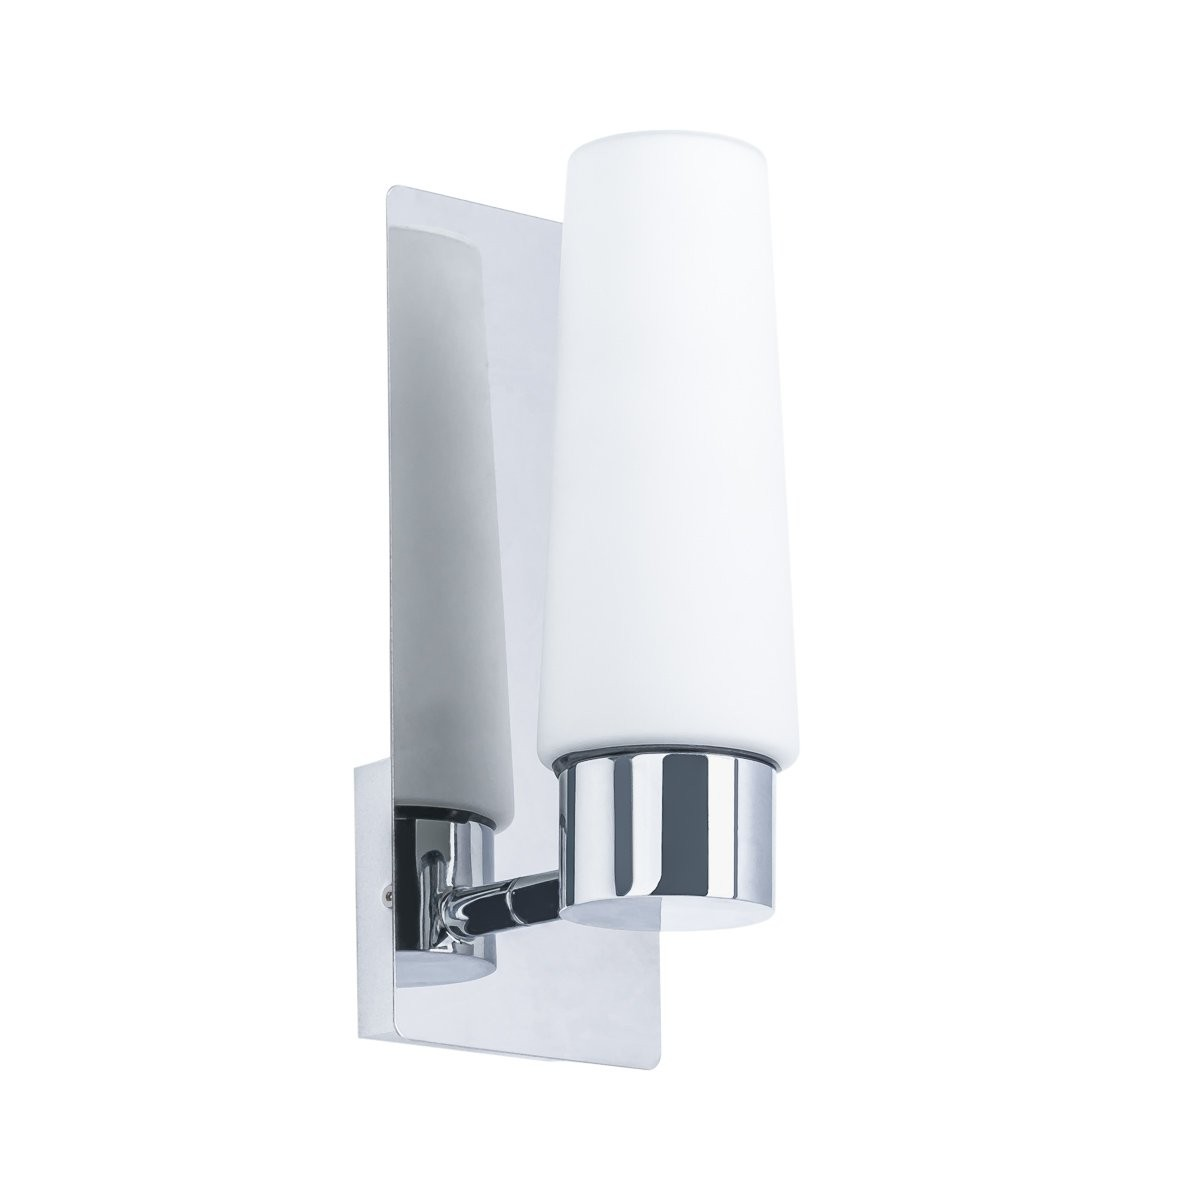 Italux MB12021106-1A nástěnná lampa do koupelny Talo 1x40W|E14|IP44